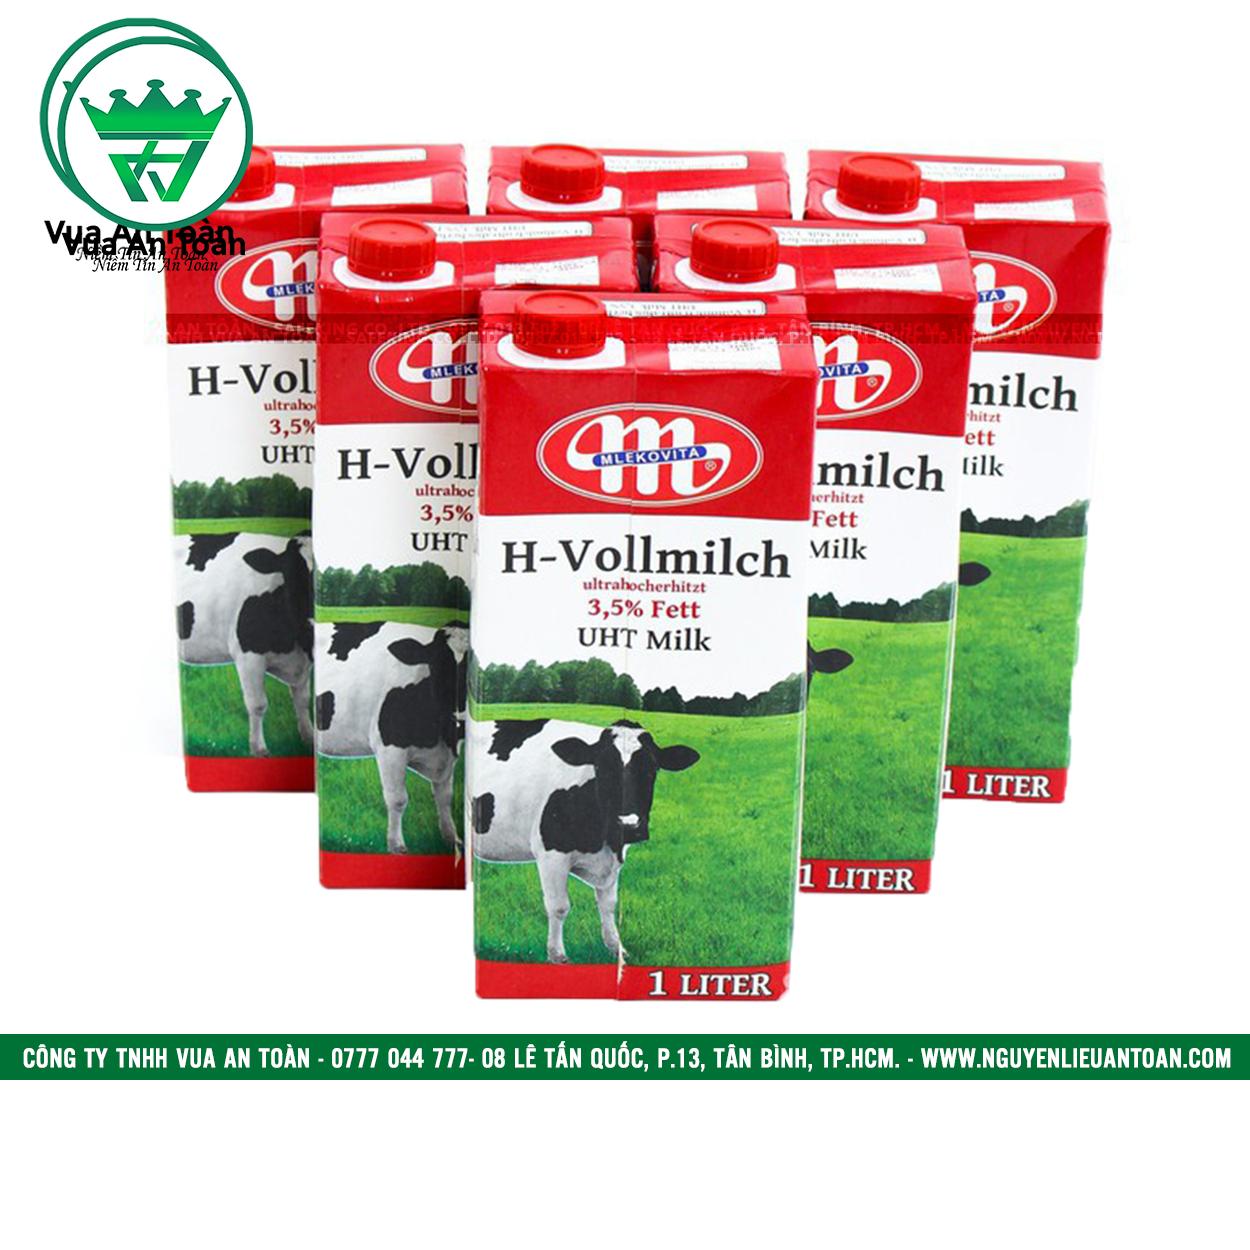 Sữa Tươi Ba lan Mlekovita H-vollmilch UHT Milk